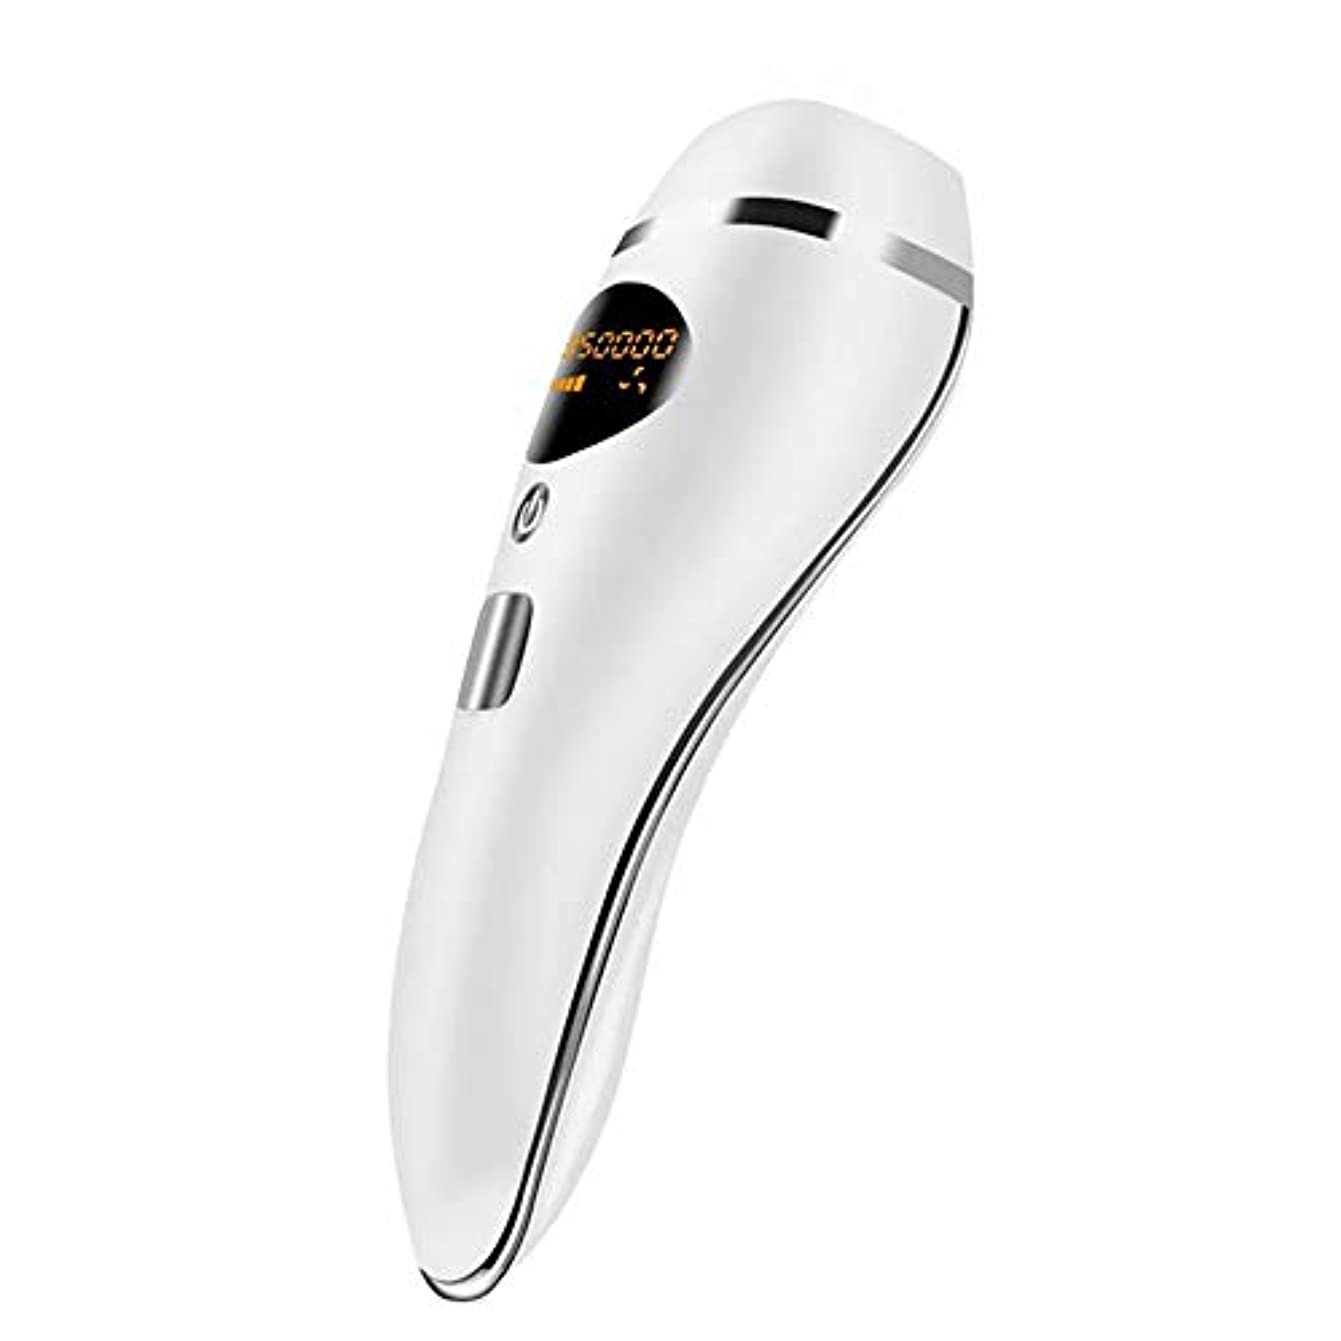 エロチック歴史水IPL脱毛システムライト脱毛器、600000回の点滅美容デバイスは、長期的な毛の成長を軽減します-5つの強度レベル,白